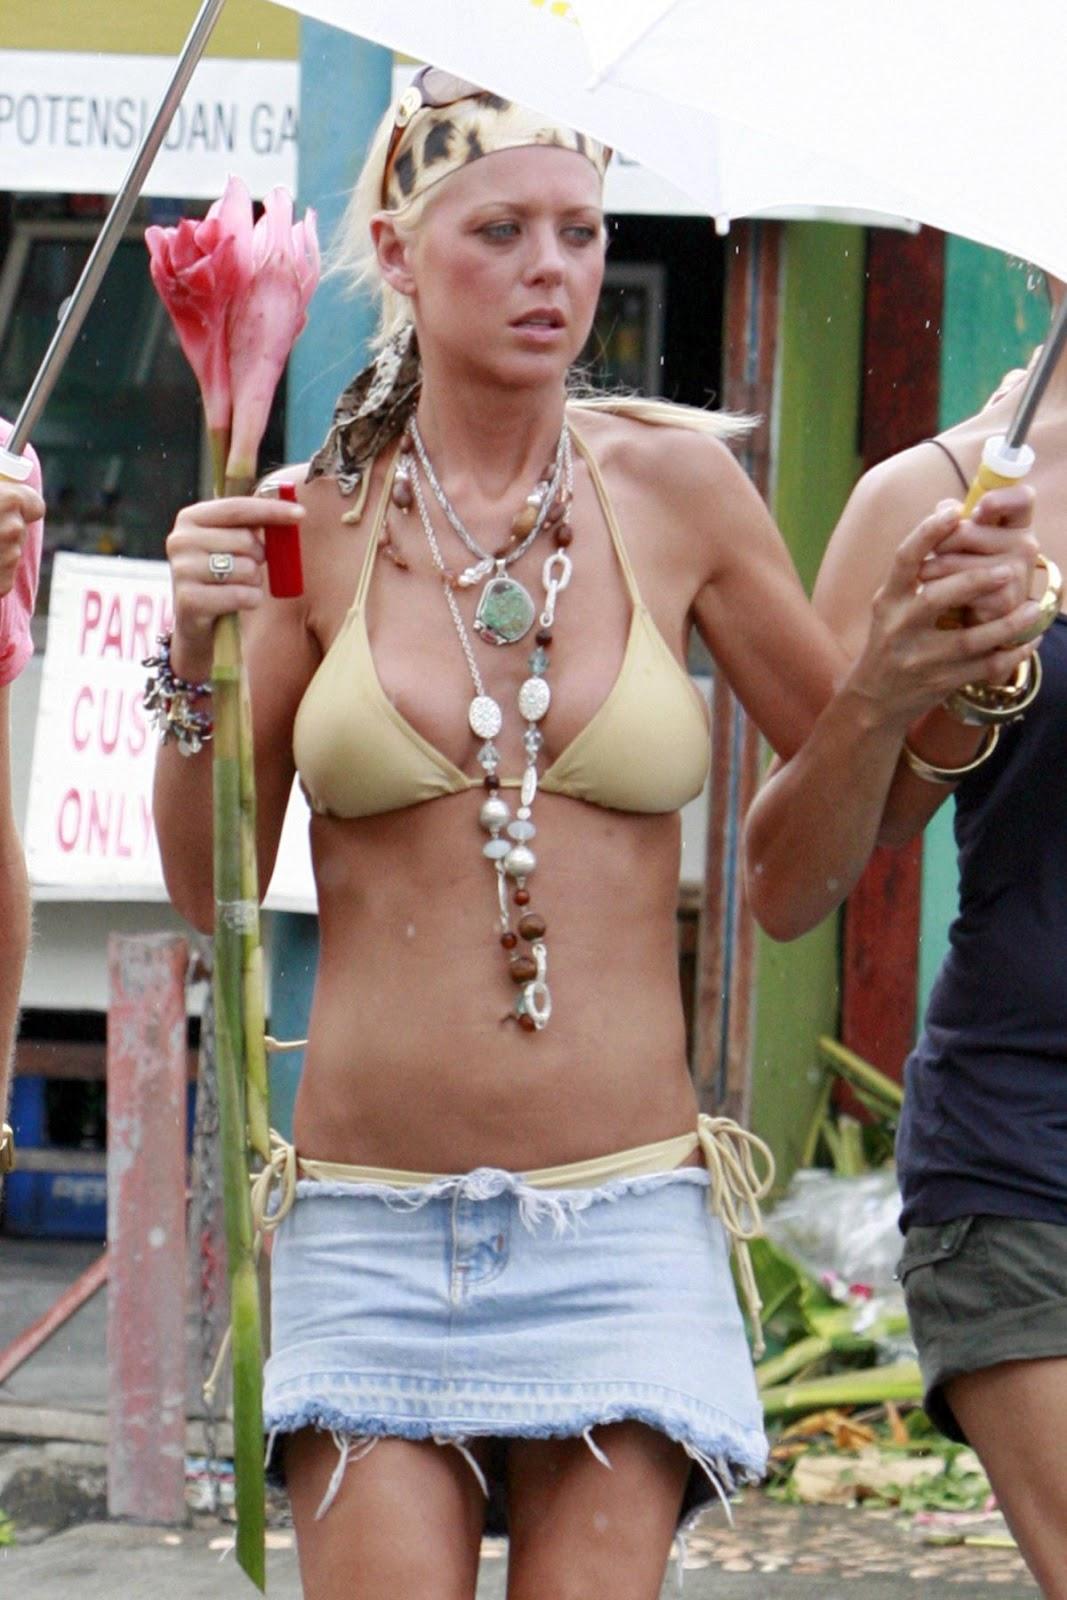 http://1.bp.blogspot.com/-pMTE-sAynQs/UXWhI_s3b2I/AAAAAAAAHIo/w-eDSCu6Mys/s1600/tara-reid-anorexic-1.jpg